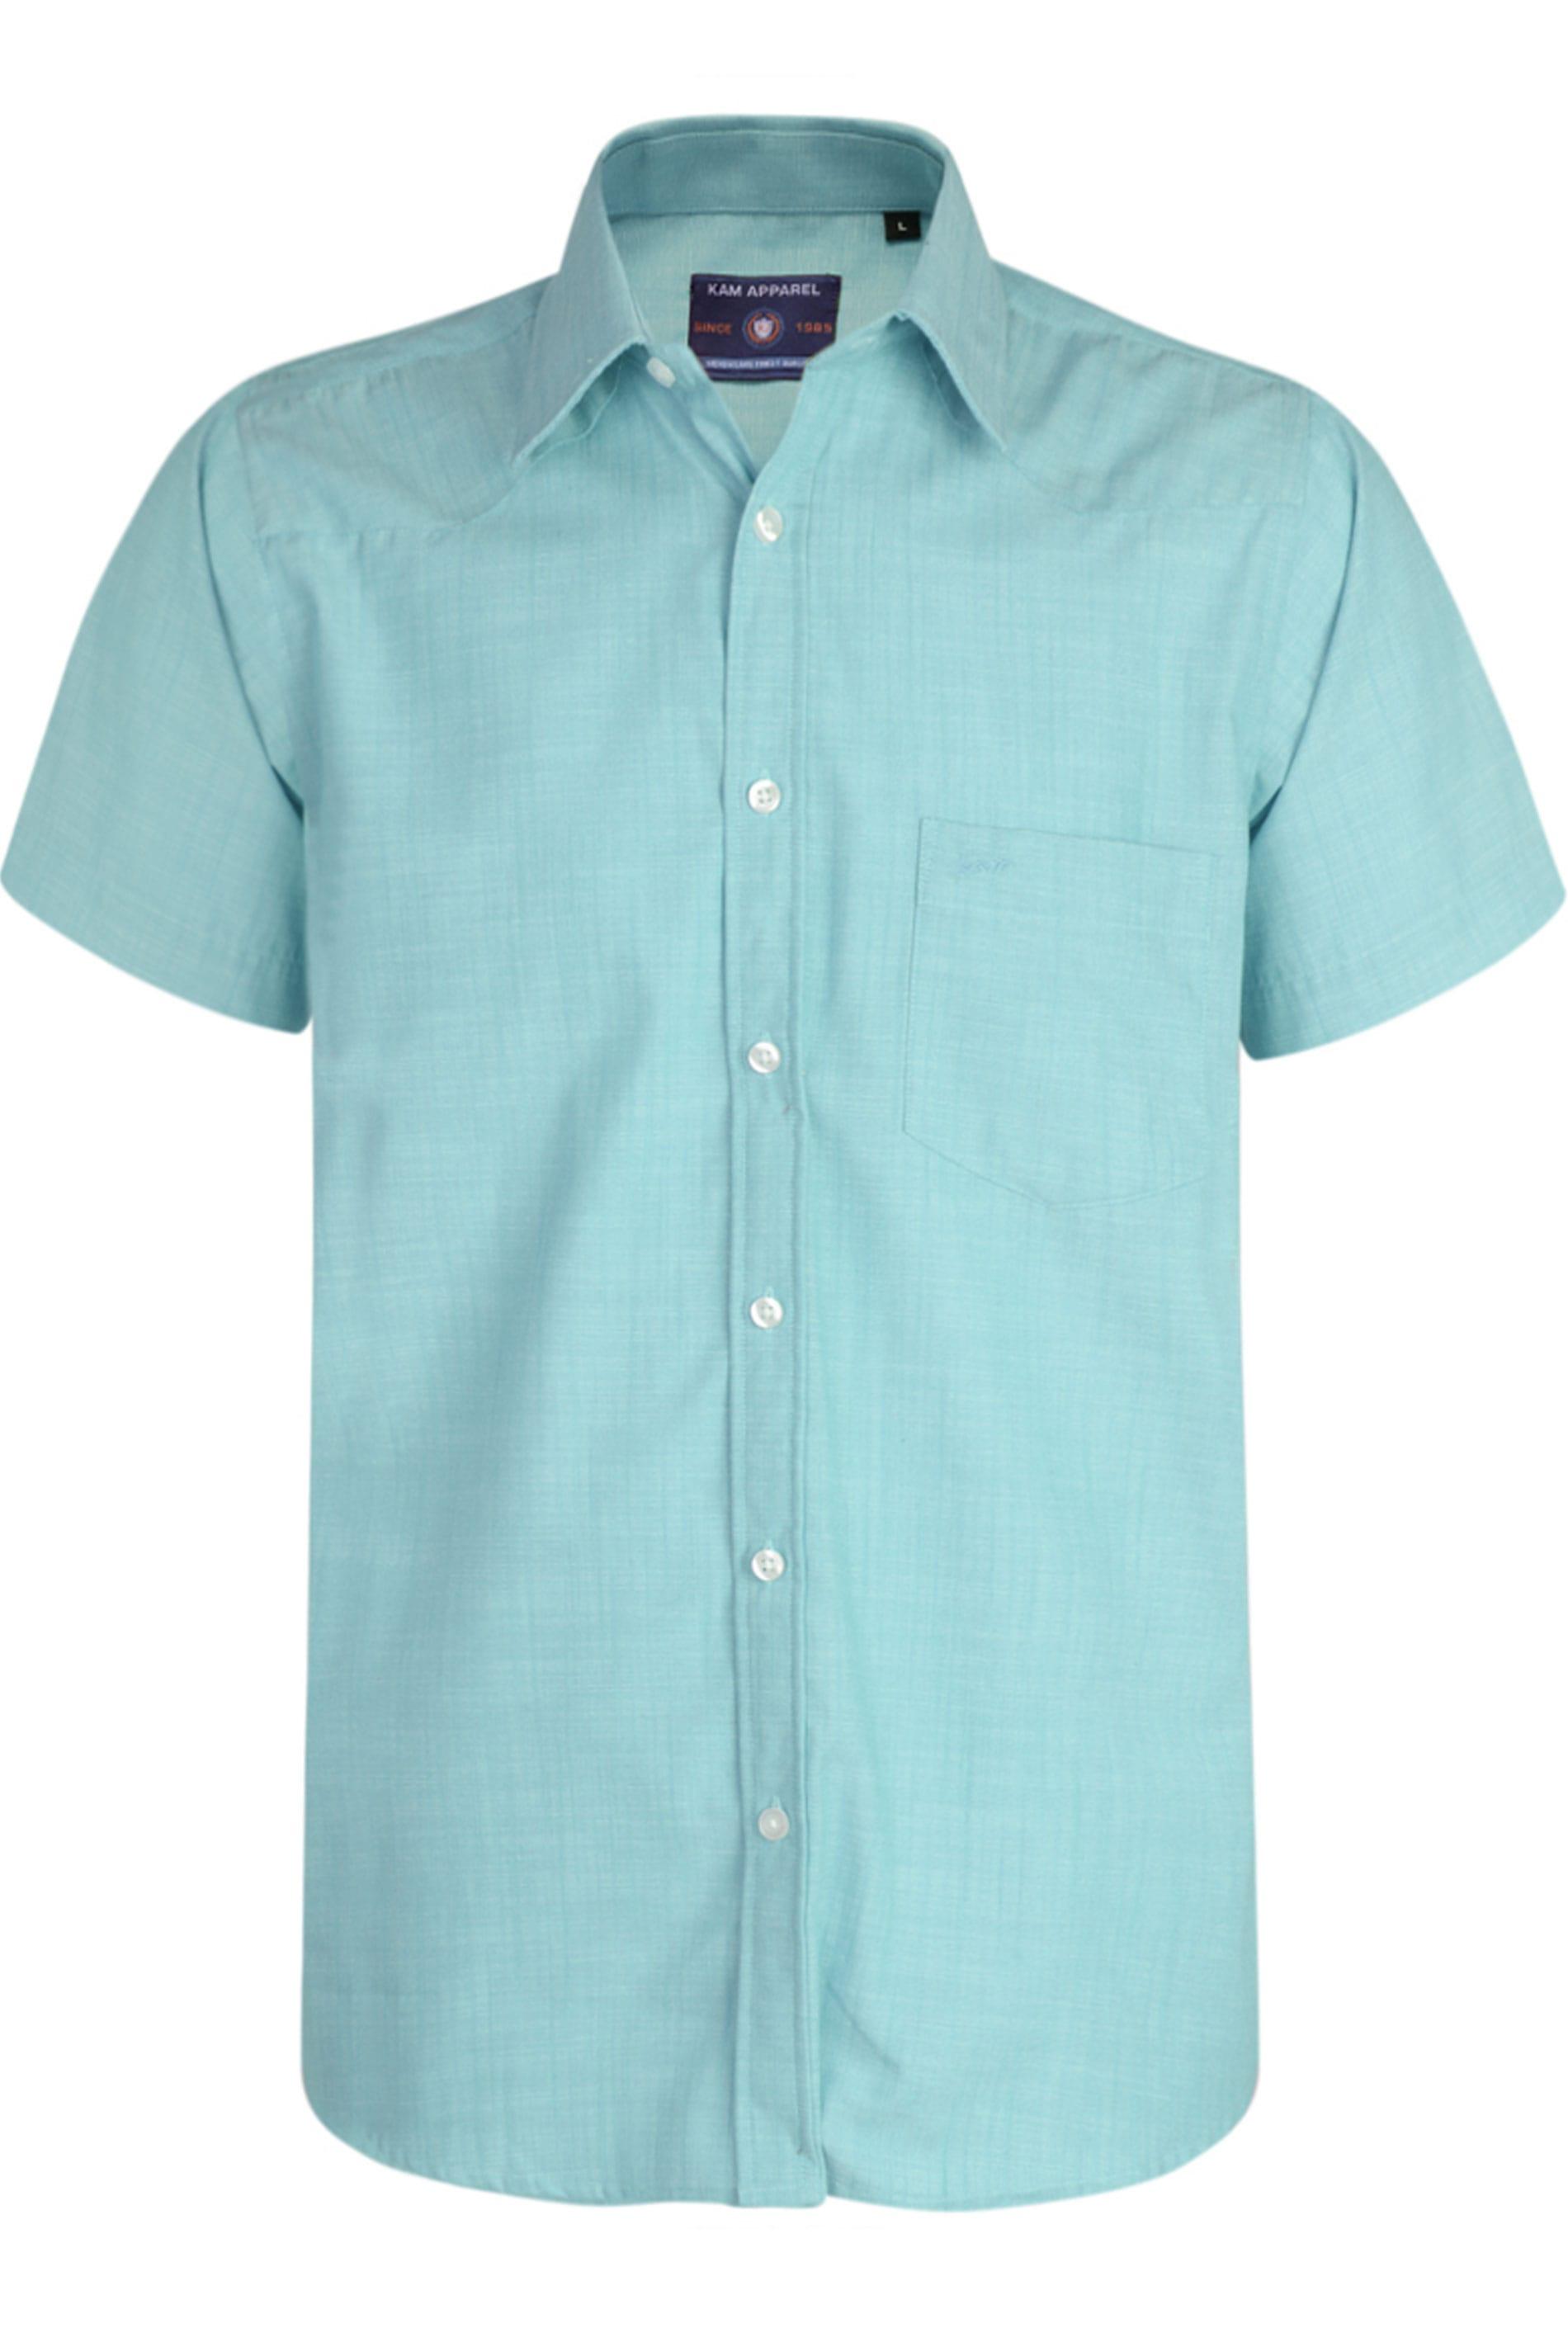 KAM Blue Slub Shirt